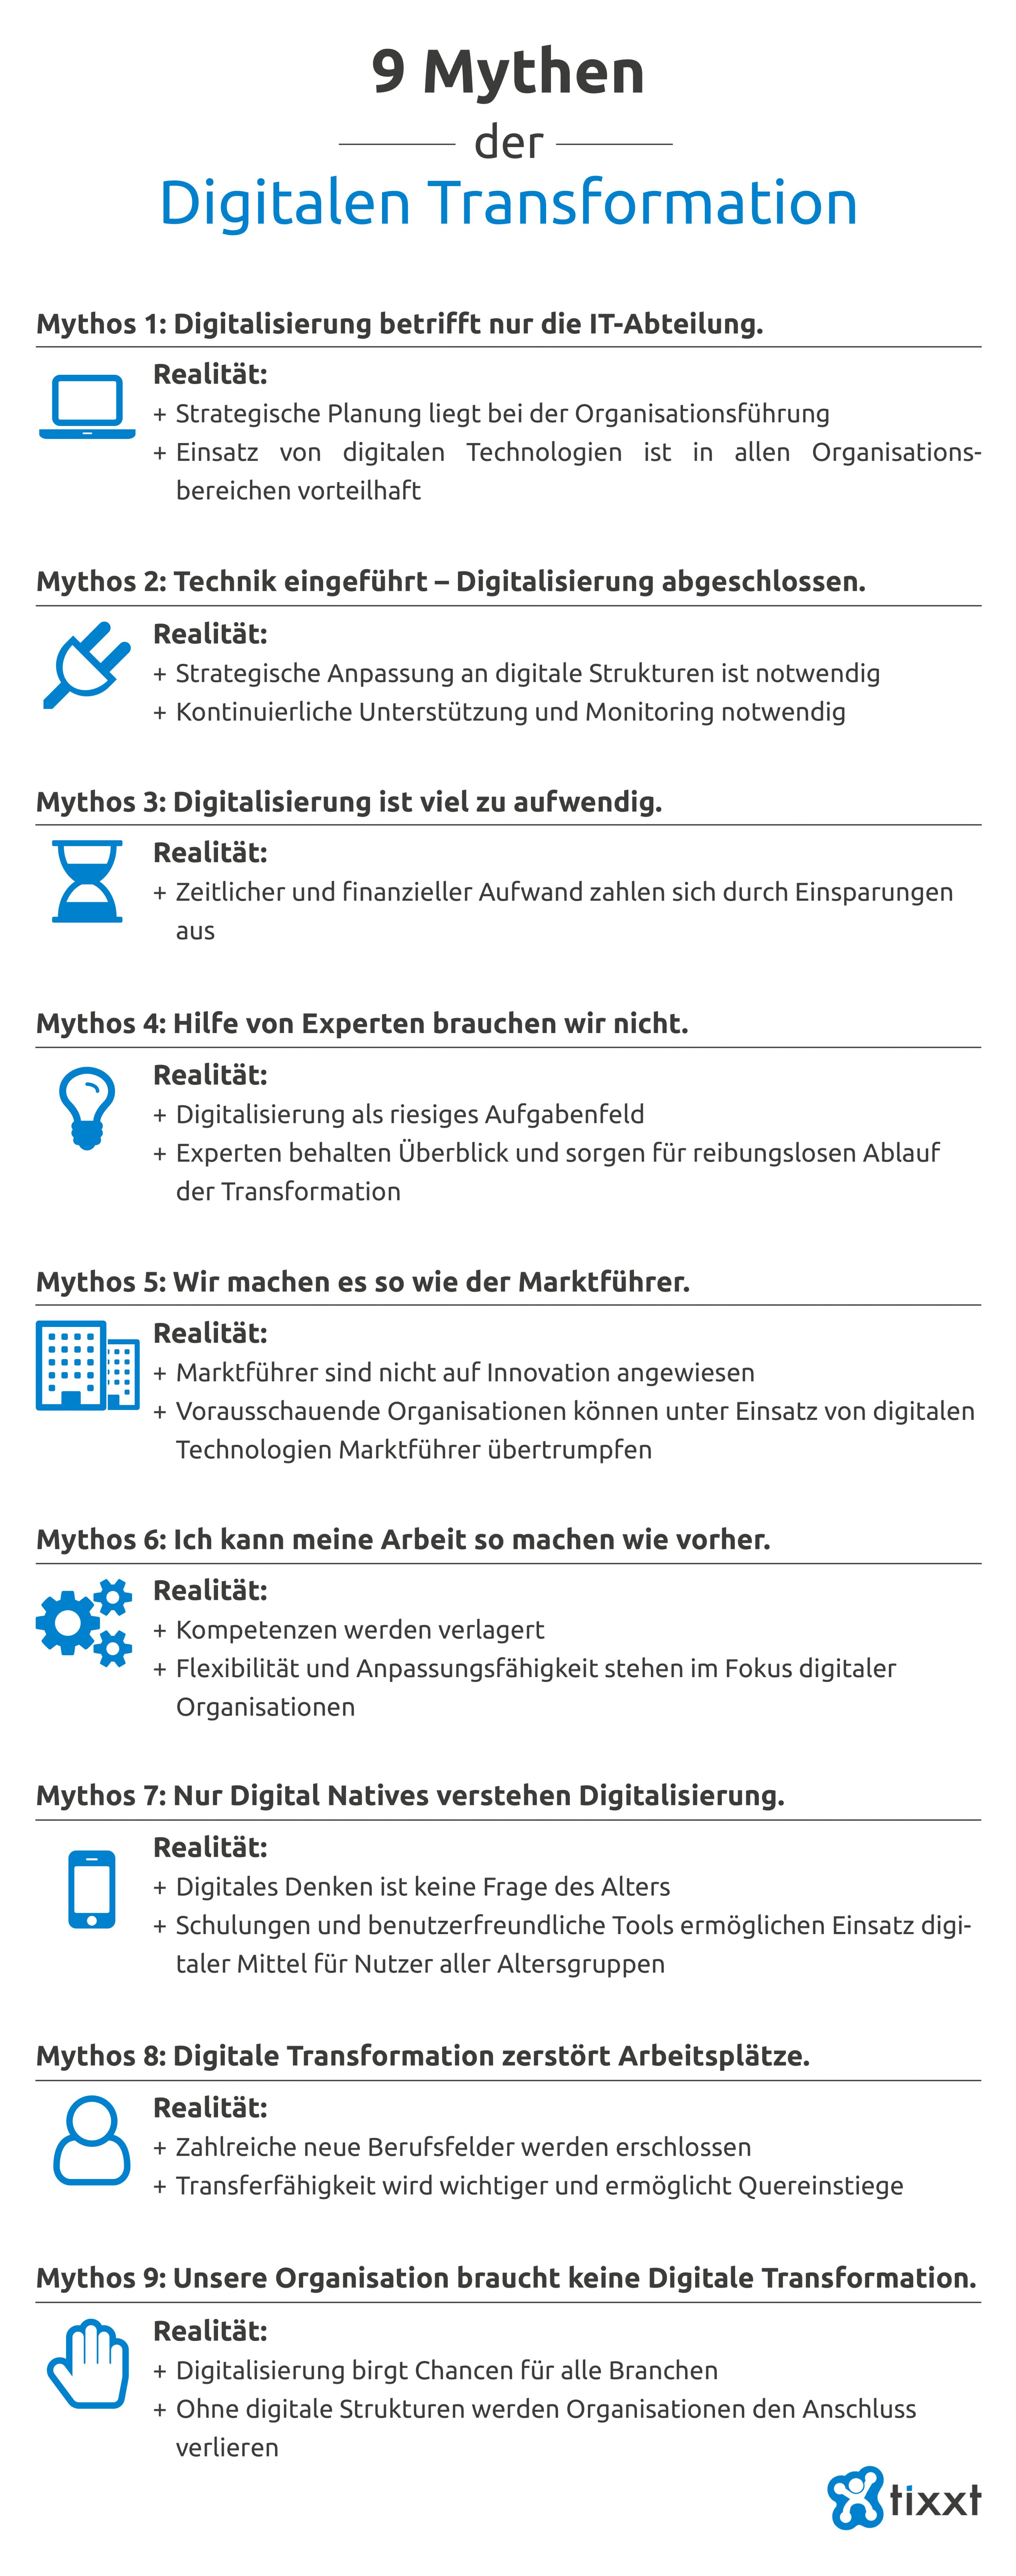 Aus dem Weg geräumt - Neun Mythen der Digitalen Transformation